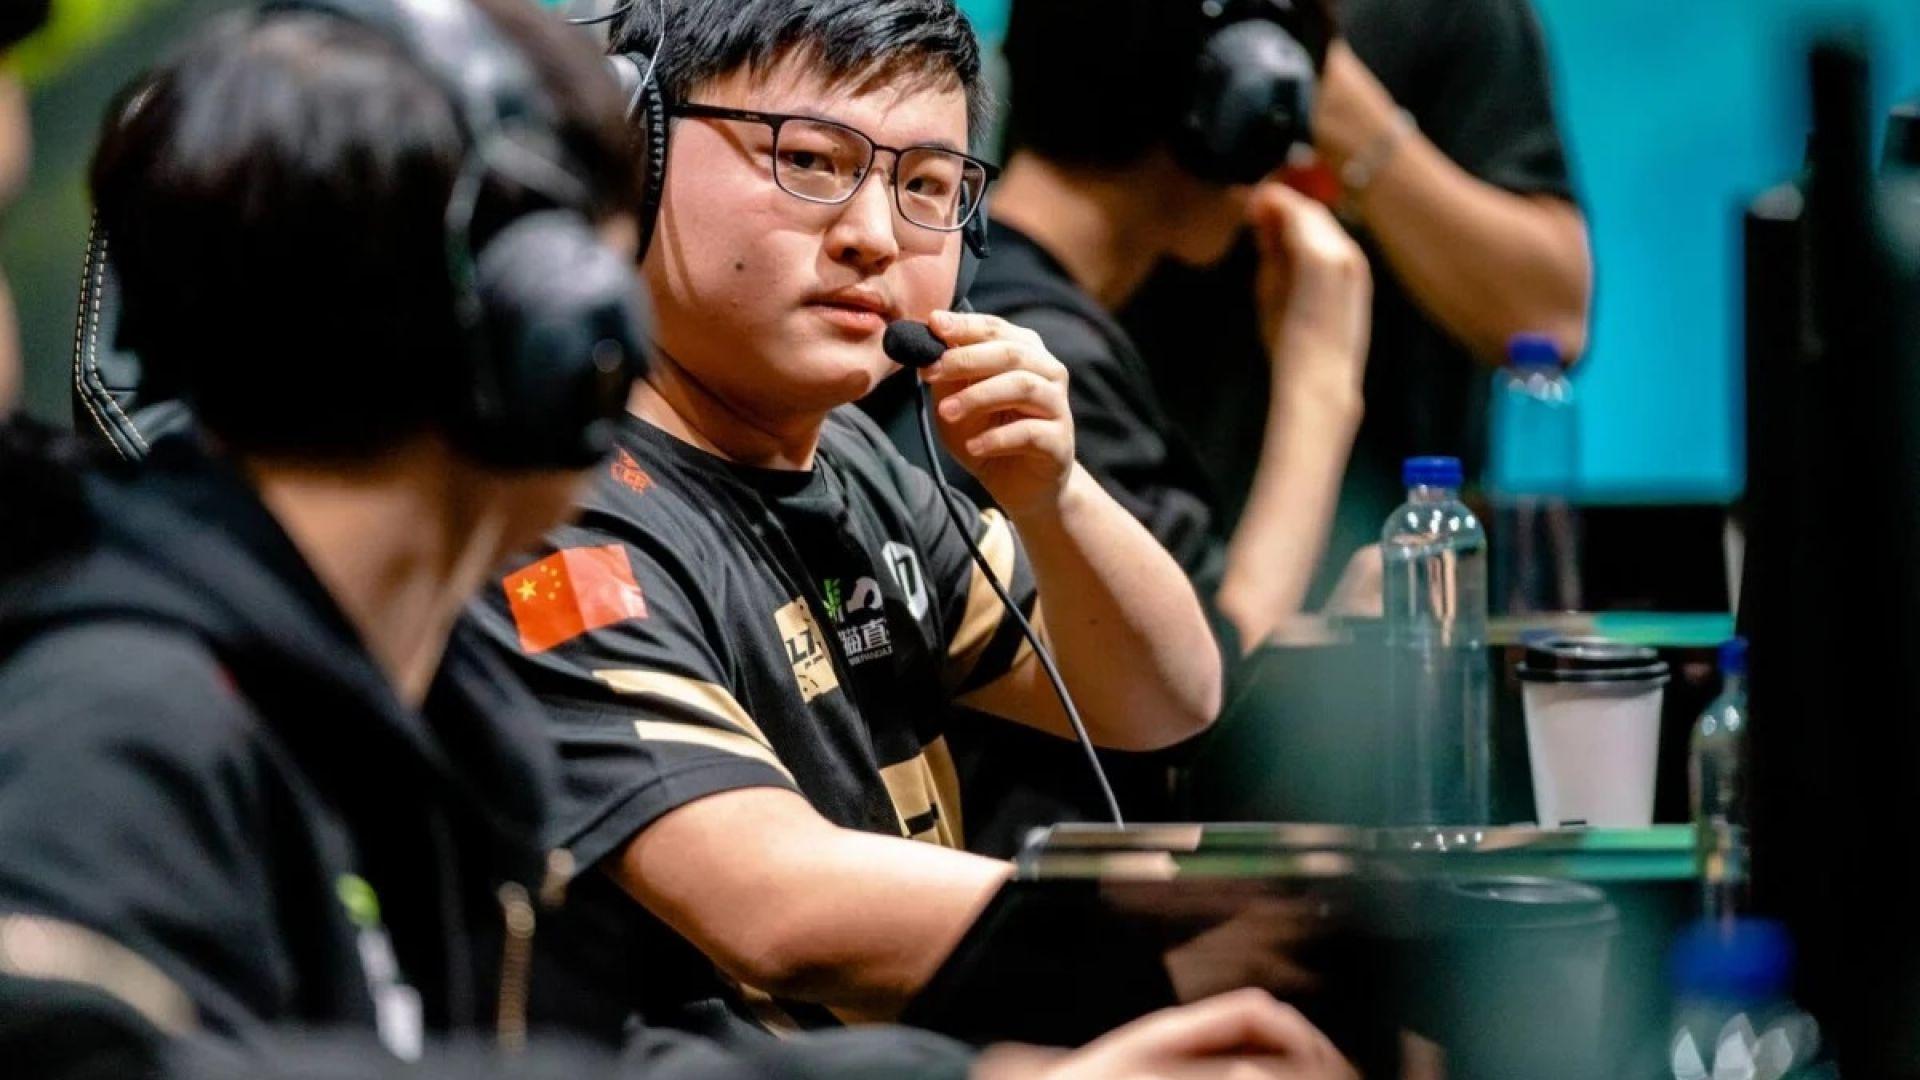 Най-известният китайски геймър се пенсионира заради лошо здраве